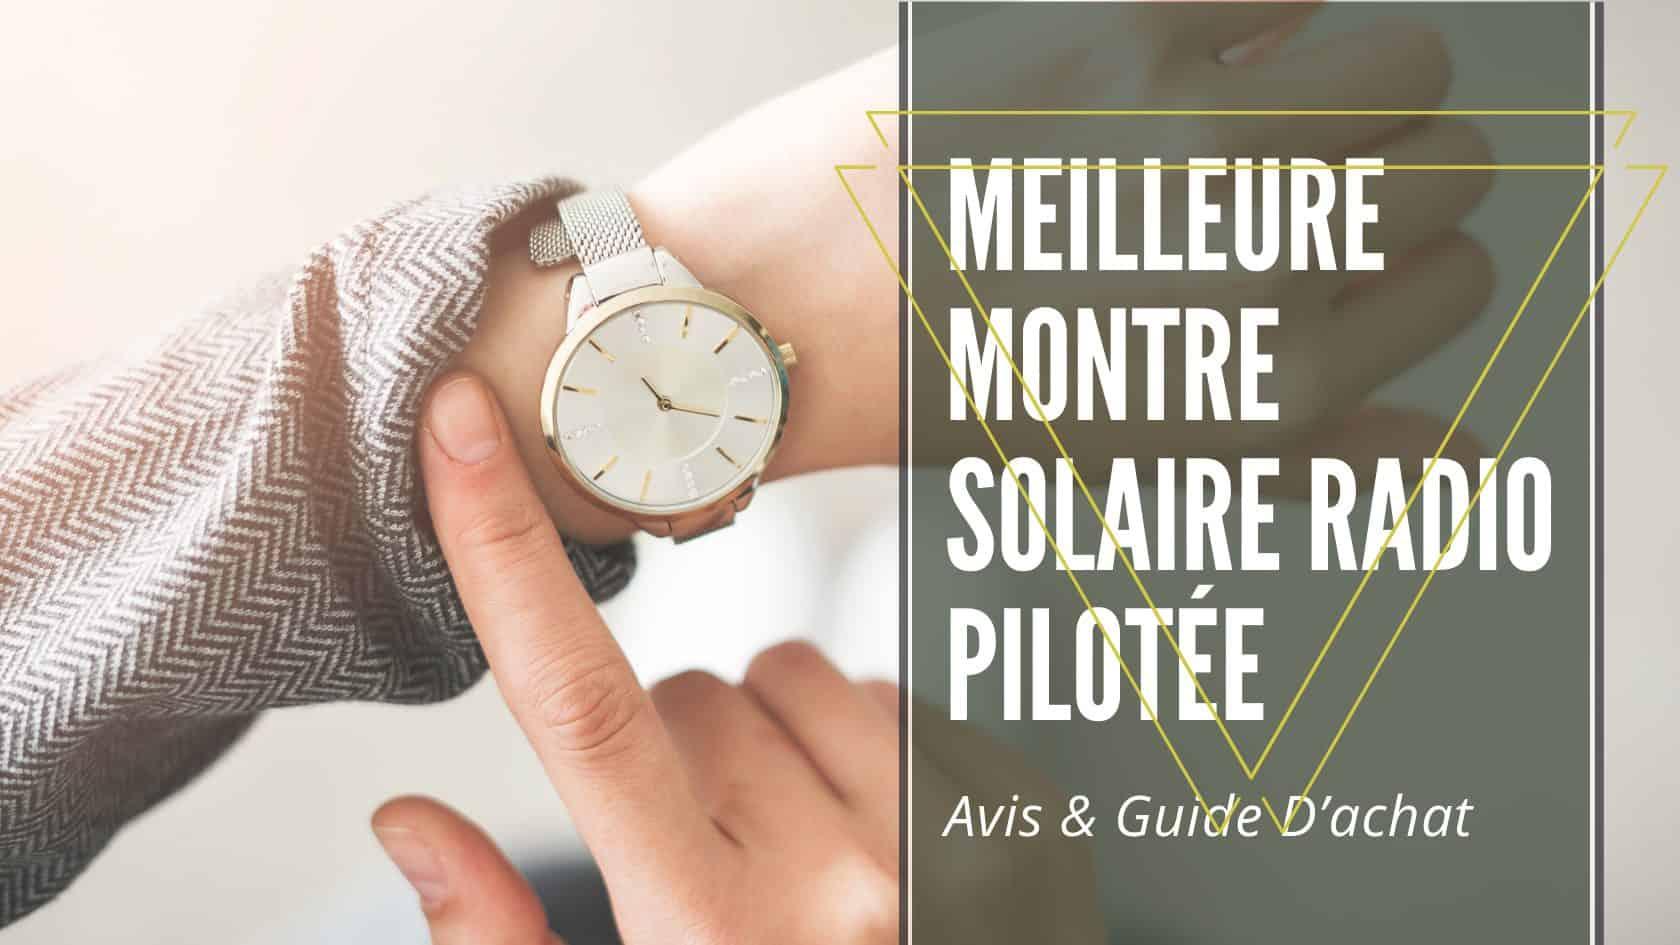 Meilleure montre solaire radio pilotée